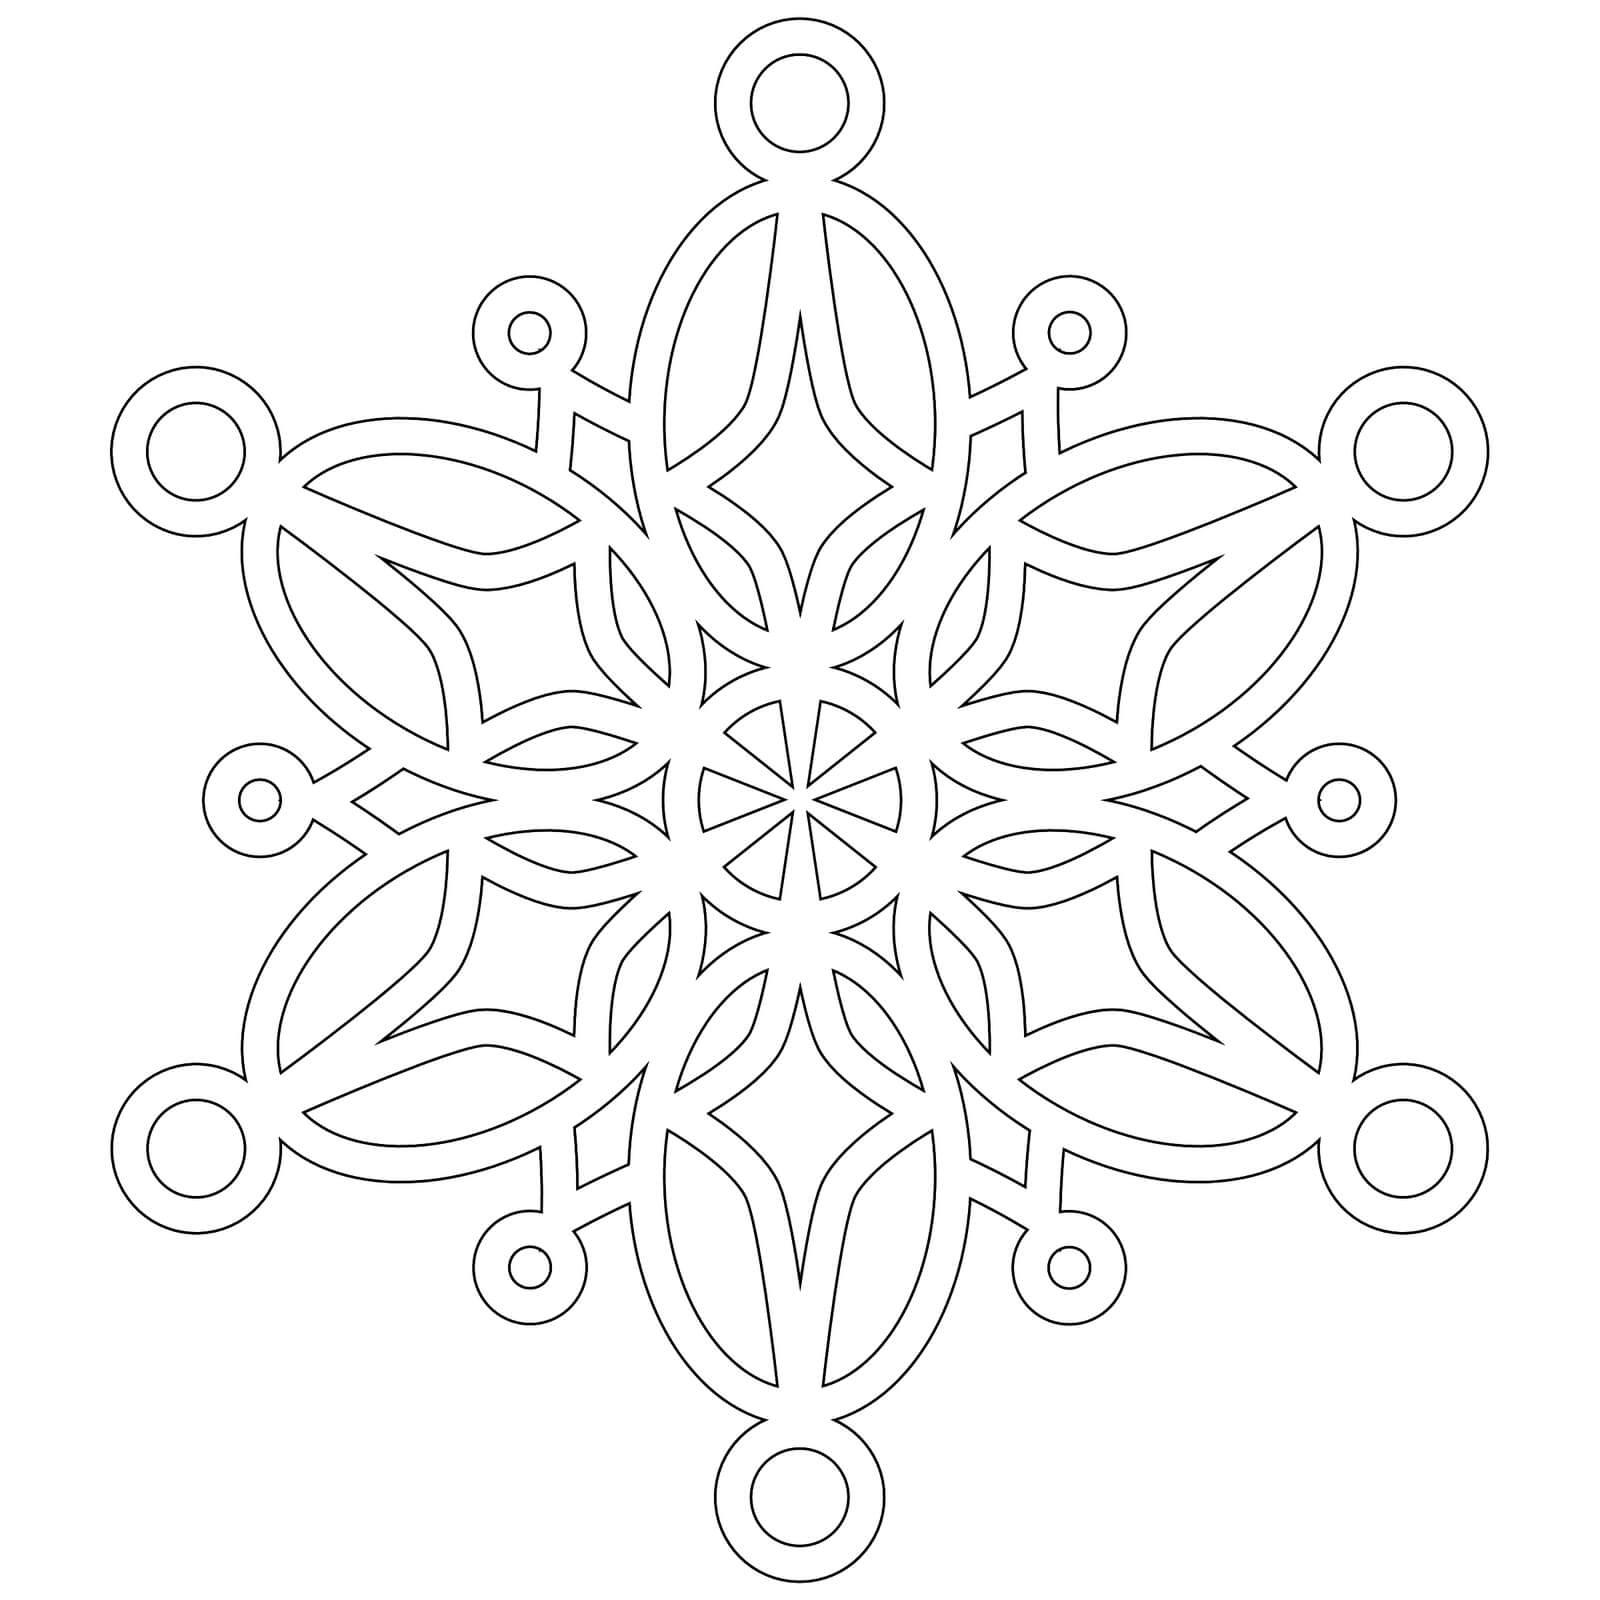 Шаблон для вырезания Снежинка ажурная